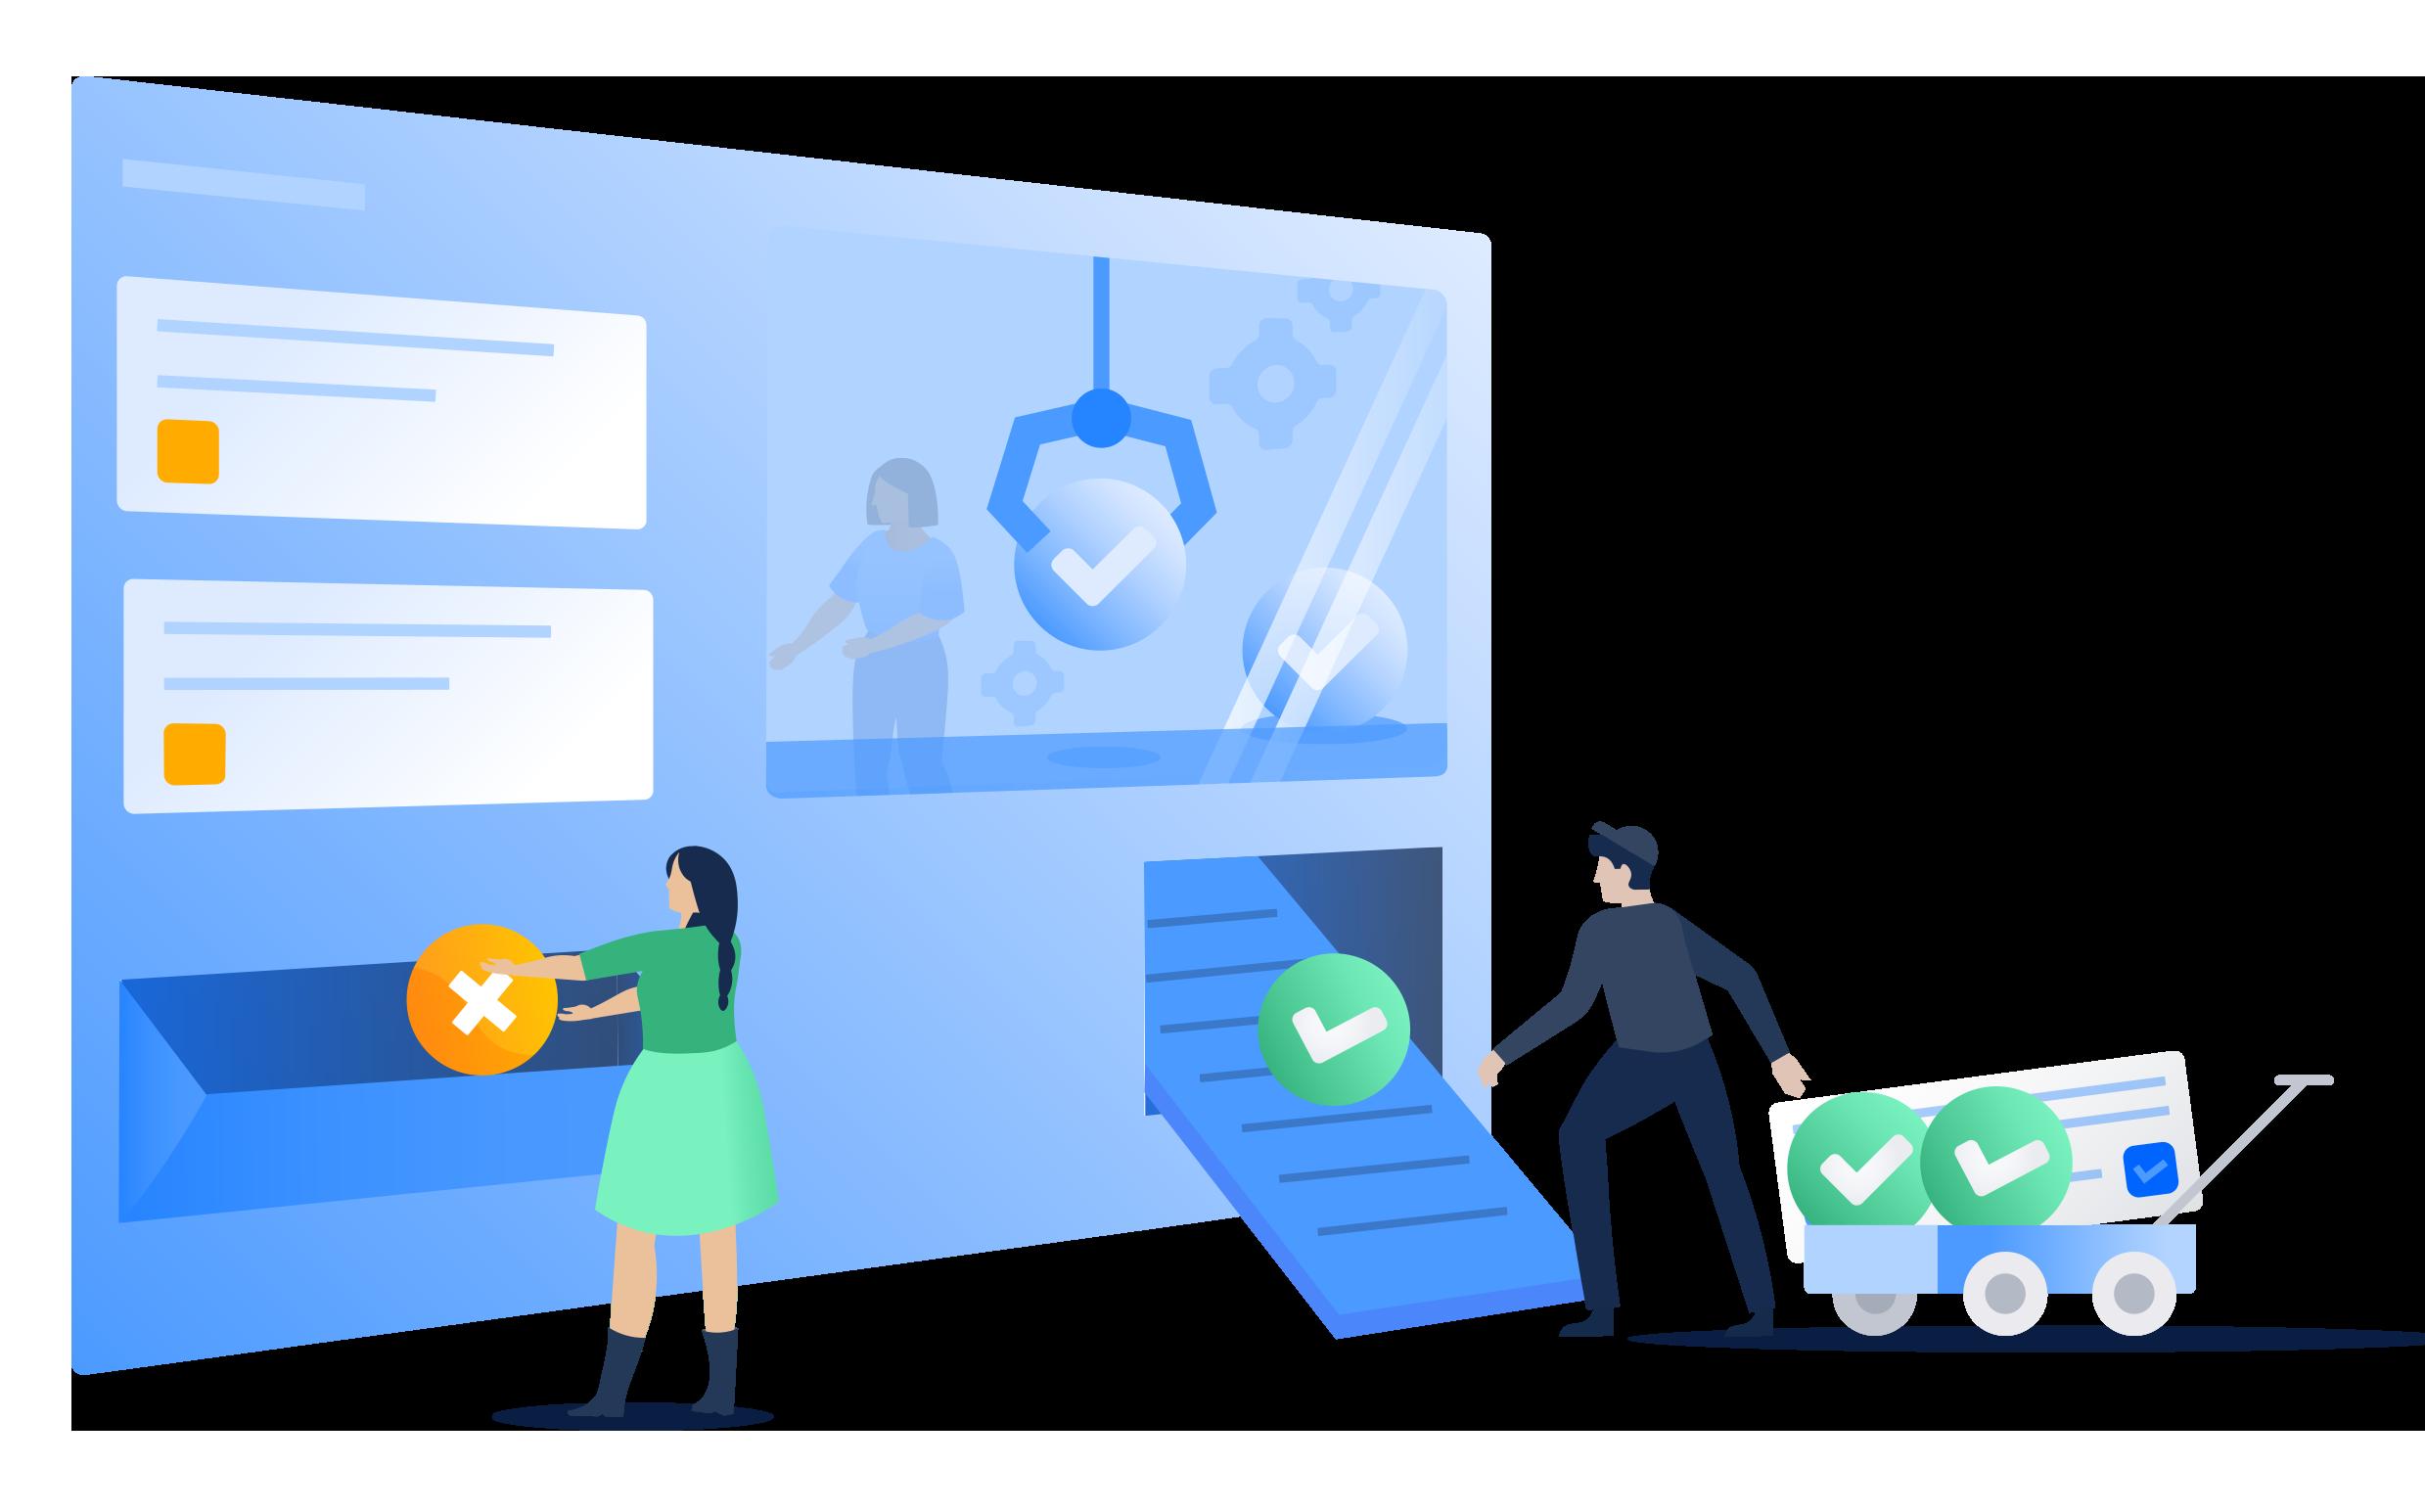 Отчет The Forrester Wave™: Enterprise Service Management с оценкой решений для управления корпоративными сервисами, четвертый квартал 2019г.